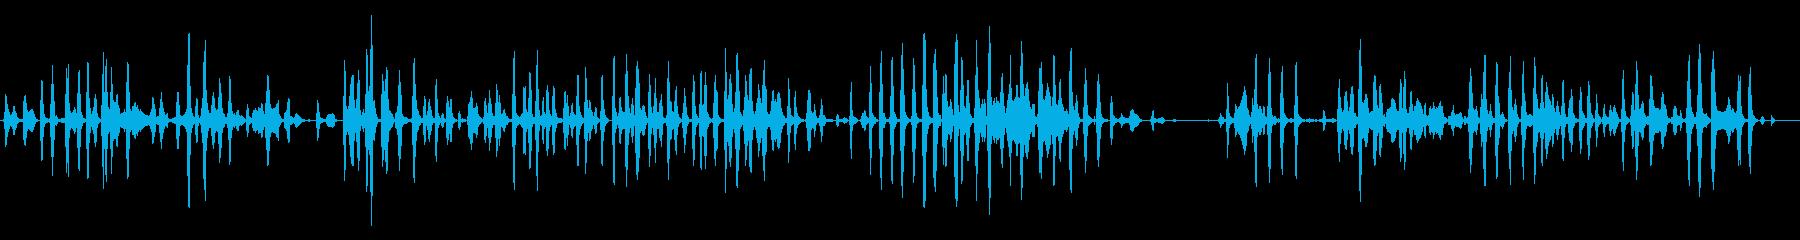 屋内:いくつかの子犬が鳴り、犬の再生済みの波形